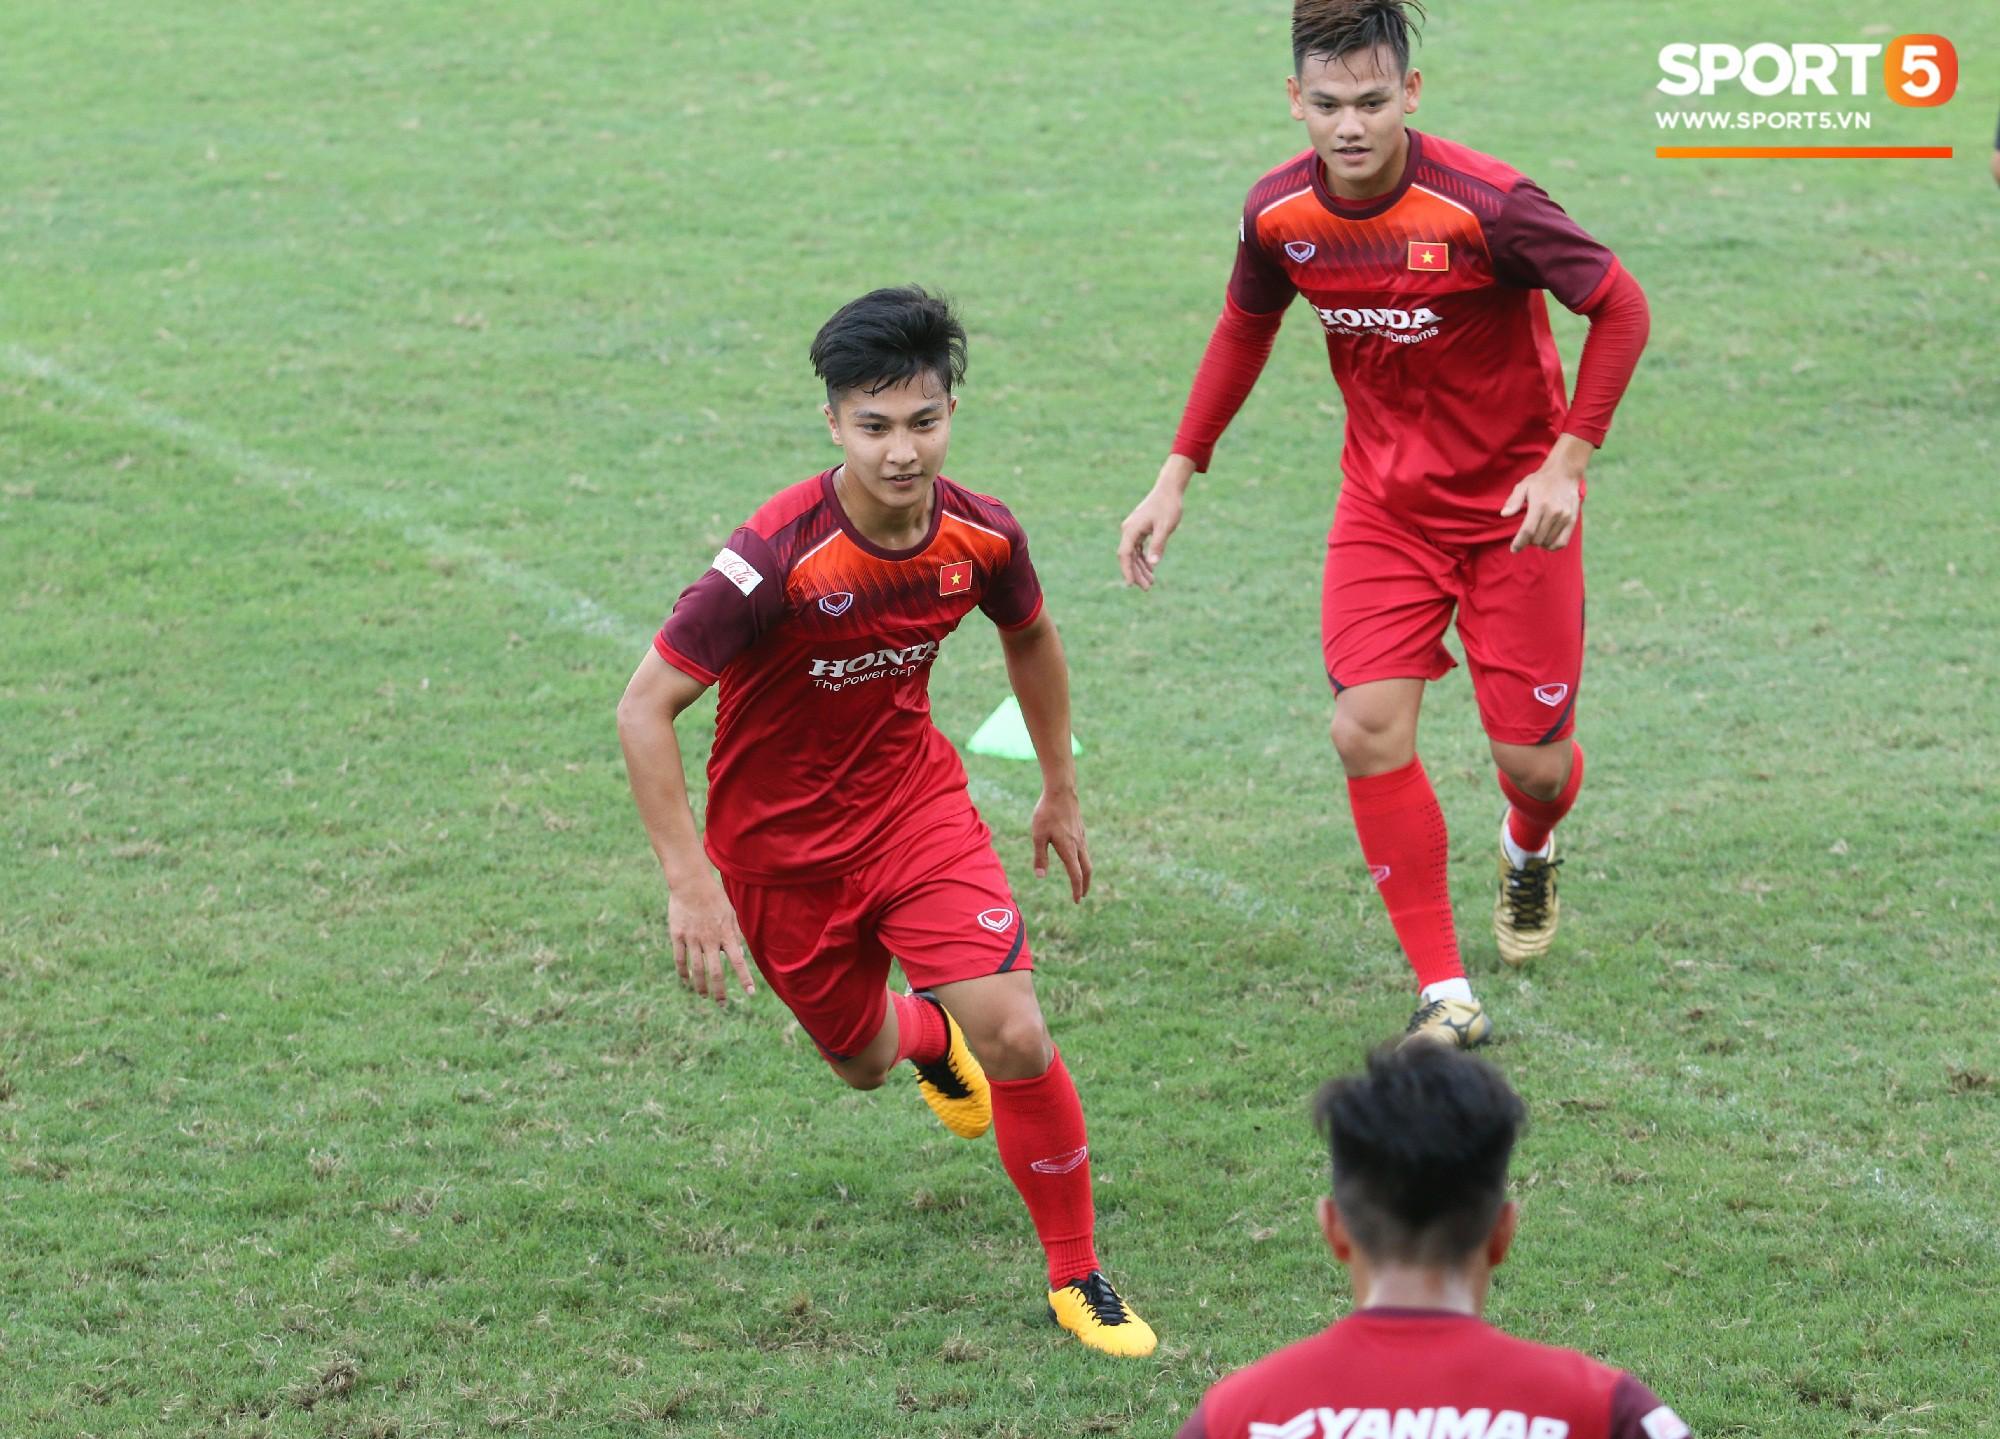 Hot boy Việt kiều chưa thể tập luyện, xót xa nhìn hàng loạt cầu thủ U23 Việt Nam chấn thương - Ảnh 1.